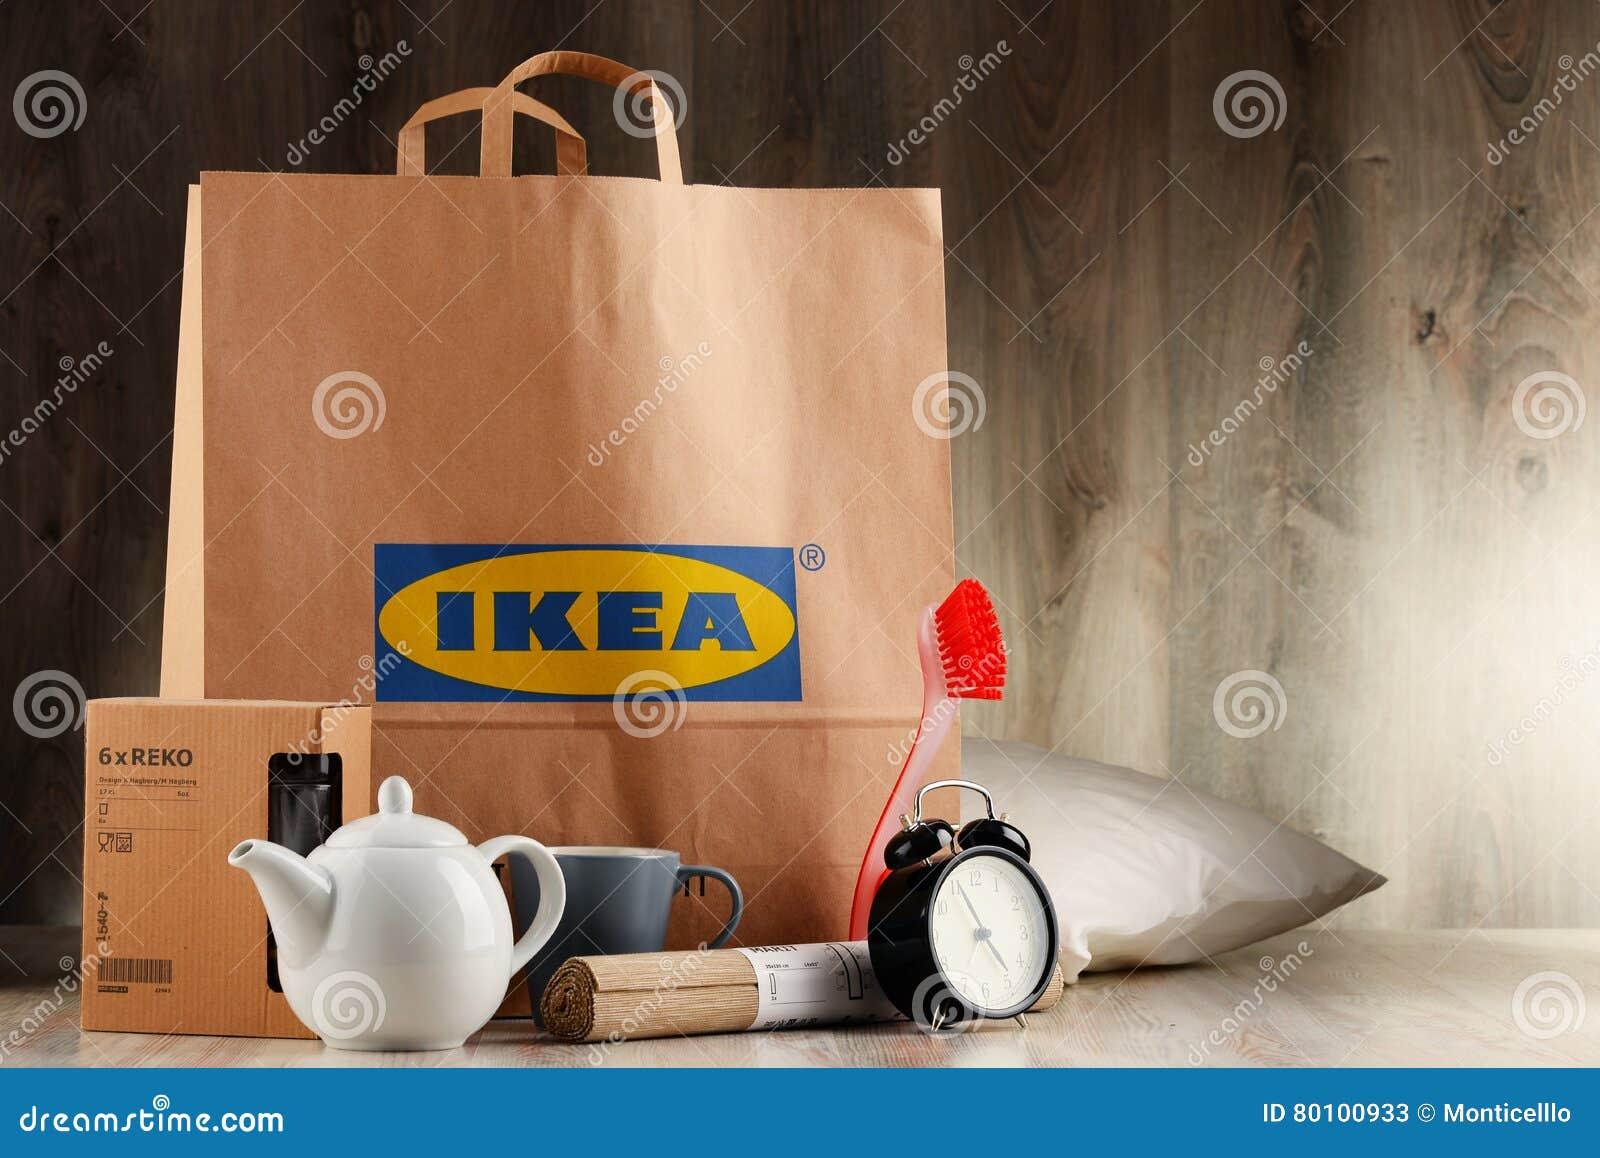 Saco de compras original do papel de IKEA e seus produtos